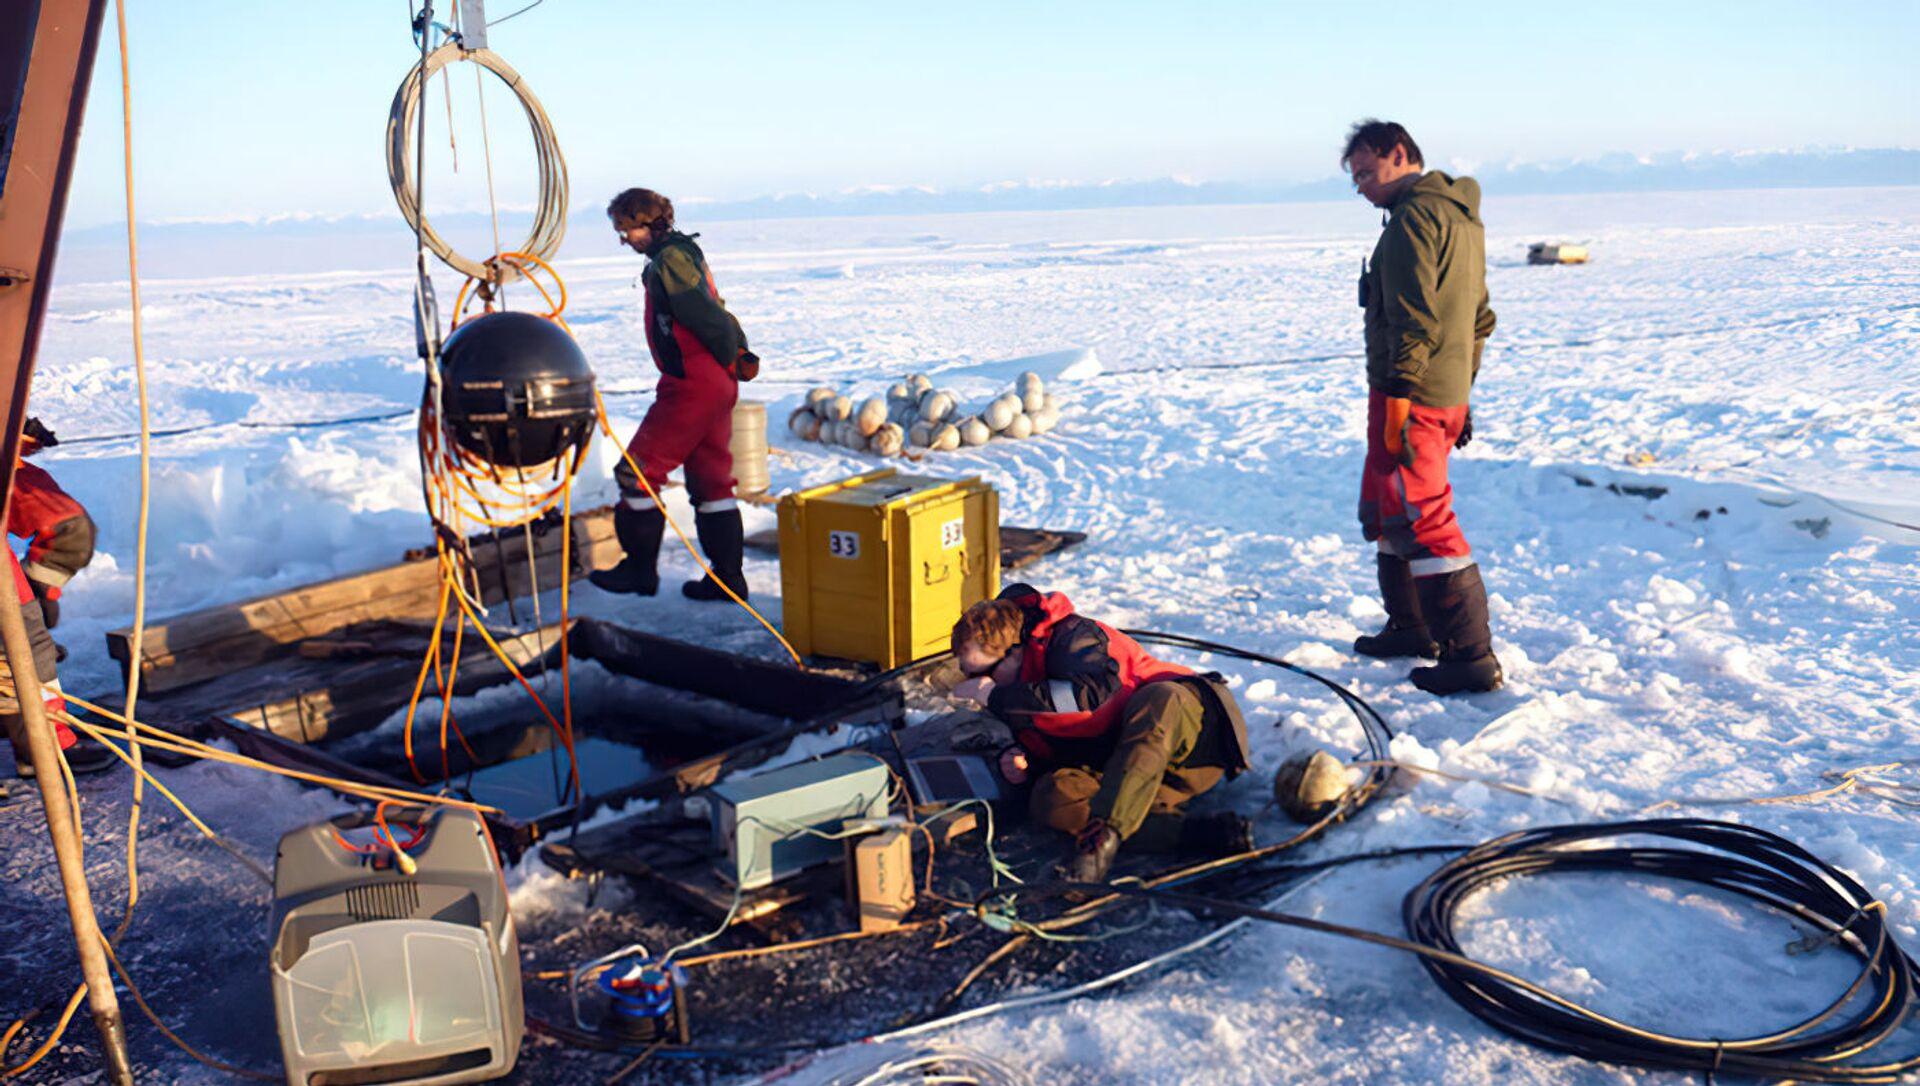 Preparazione per il lancio di un telescopio di neutrini in acque profonde a Baikal - Sputnik Italia, 1920, 13.03.2021